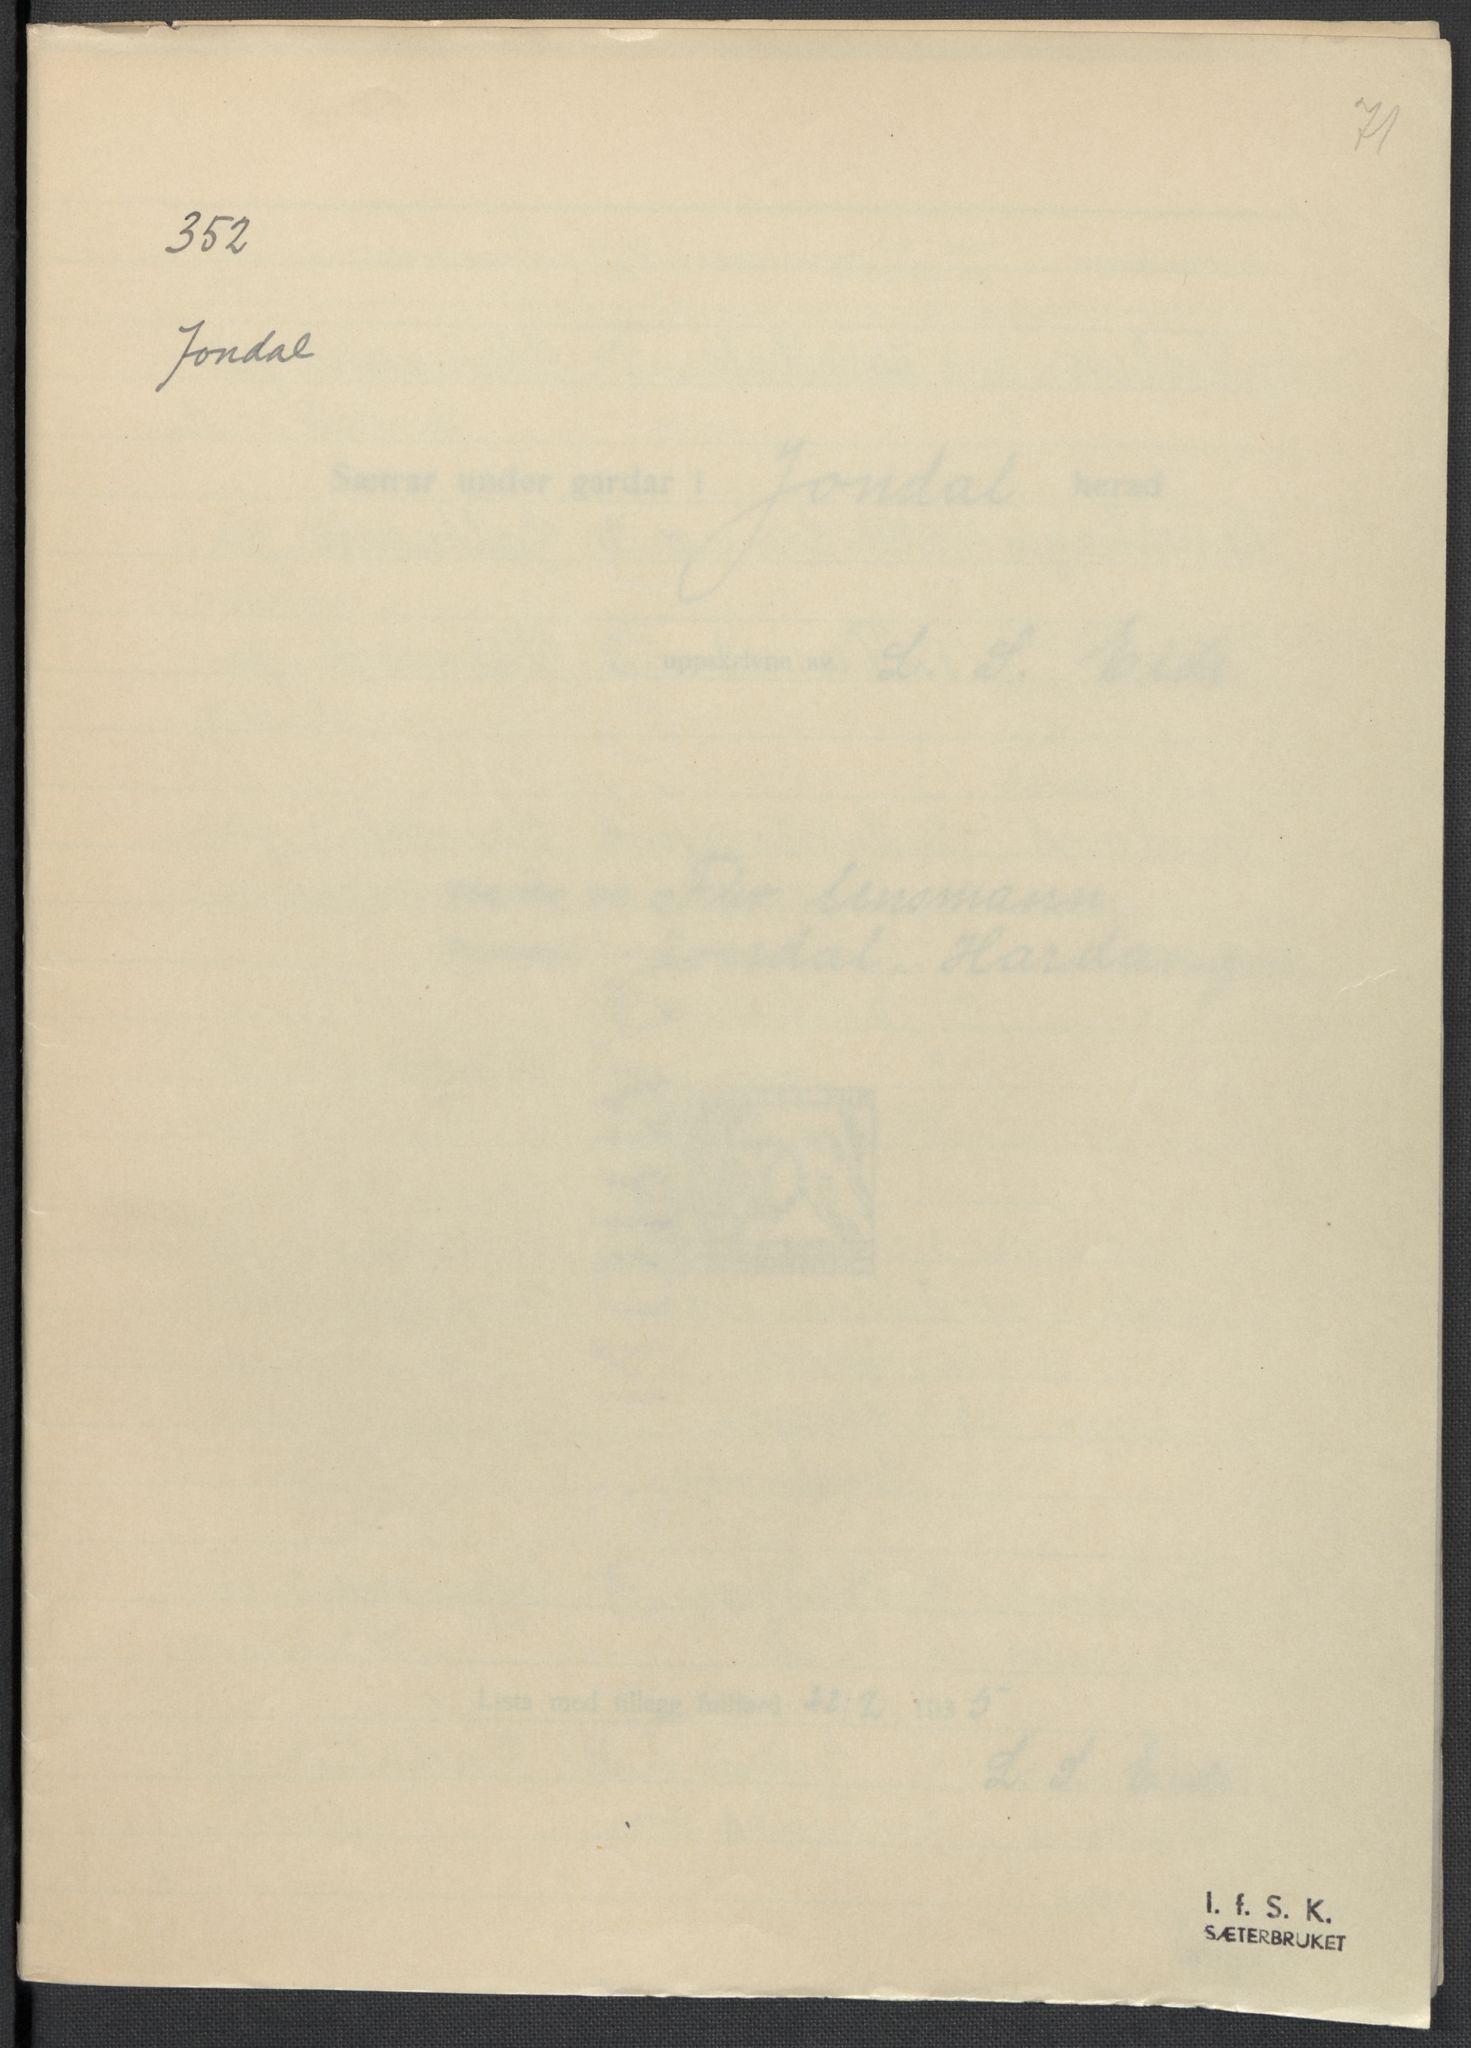 RA, Instituttet for sammenlignende kulturforskning, F/Fc/L0010: Eske B10:, 1932-1935, s. 71